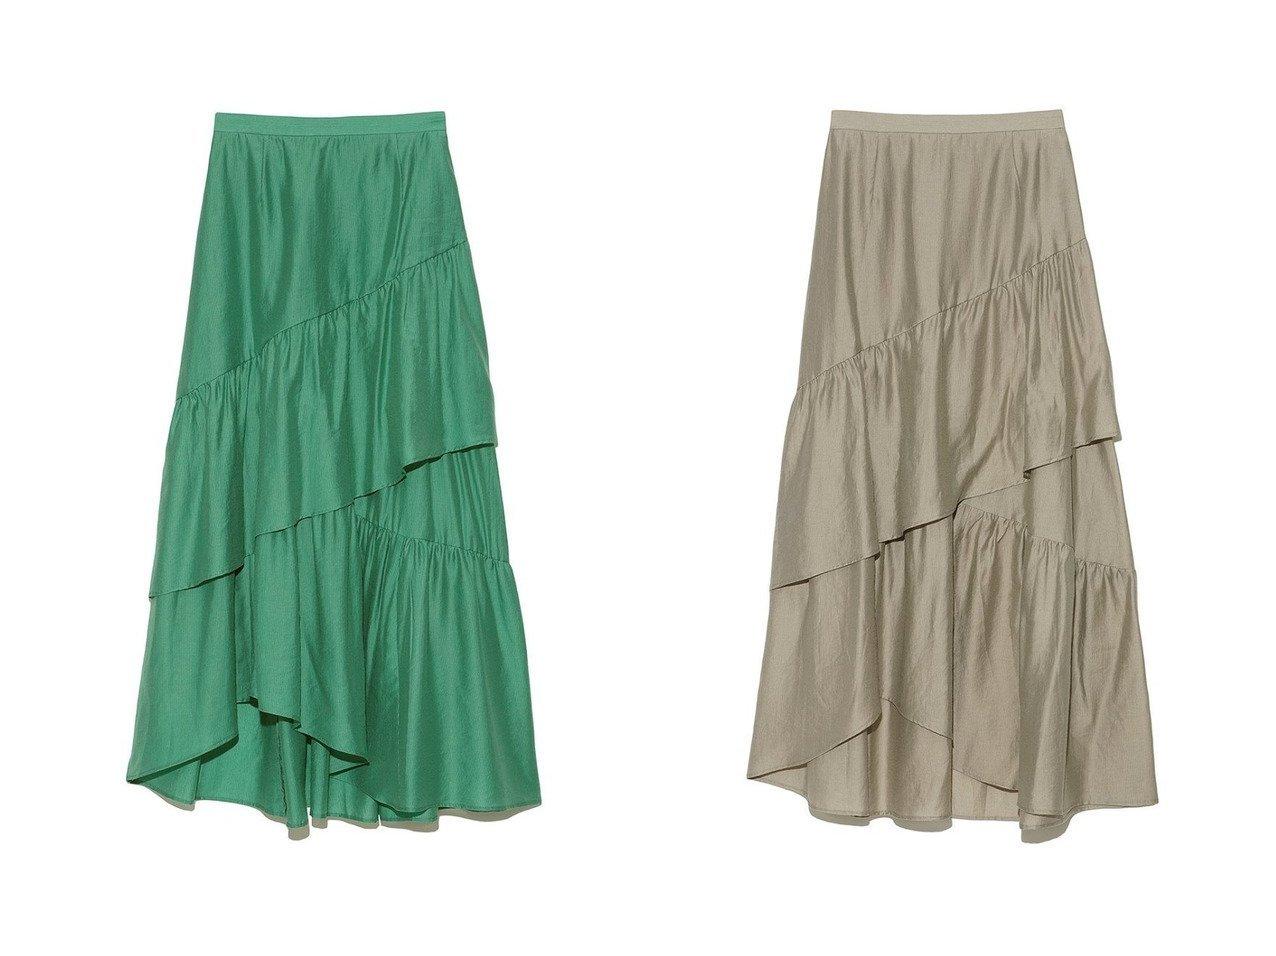 【Lily Brown/リリーブラウン】のティアードロングスカート ファッション雑誌・Webマガジン掲載、おすすめ!人気、トレンド・レディースファッションの通販 おすすめで人気の流行・トレンド、ファッションの通販商品 インテリア・家具・メンズファッション・キッズファッション・レディースファッション・服の通販 founy(ファニー) https://founy.com/ 雑誌掲載アイテム Magazine Items ファッション雑誌 Fashion Magazines ビジンヒャッカ 美人百花 ファッション Fashion レディースファッション WOMEN スカート Skirt ロングスカート Long Skirt 7月号 おすすめ Recommend イエロー カットソー サマー シンプル ティアードスカート テクスチャー トレンド ランダム ロング 夏 Summer 秋 Autumn/Fall 雑誌 |ID:crp329100000060896